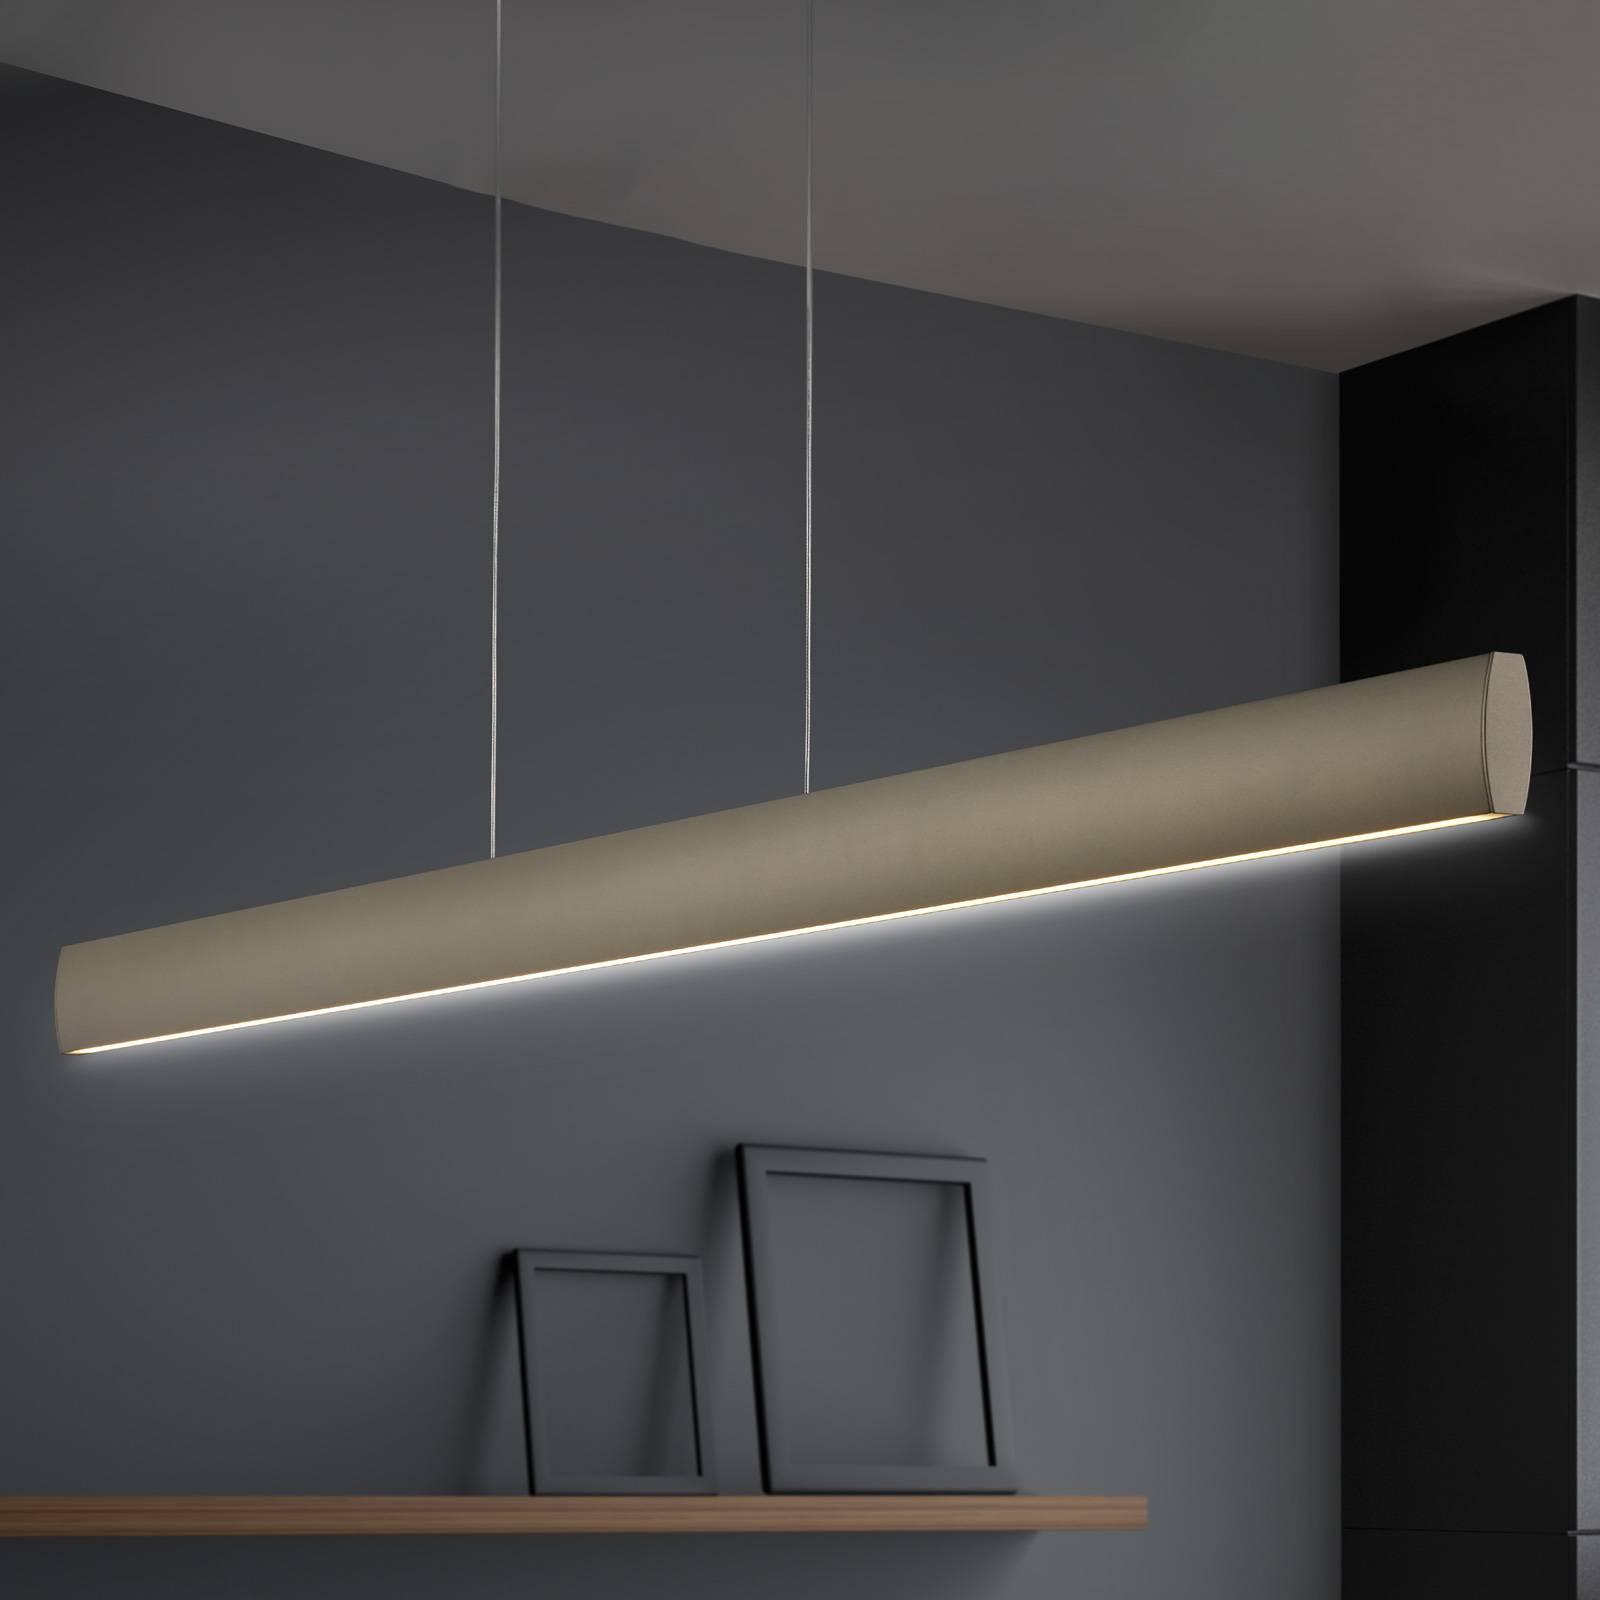 LED-riippuvalaisin Runa, pronssi, pituus 92 cm